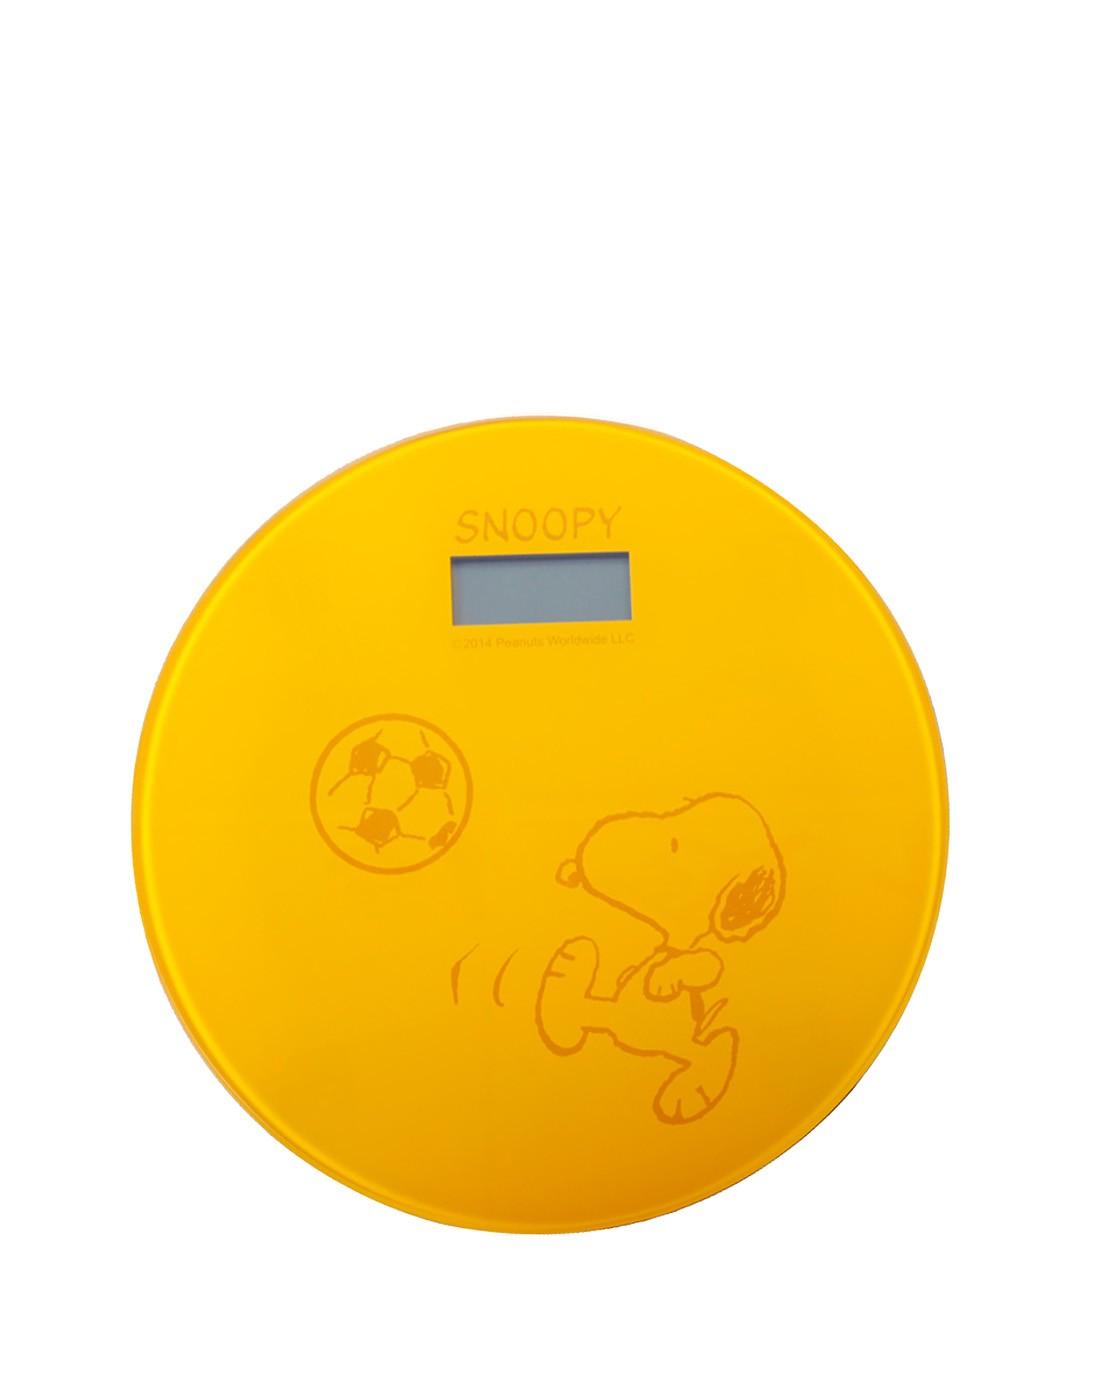 人体黄色电_史努比黄色33cm圆形人体秤 高端大气